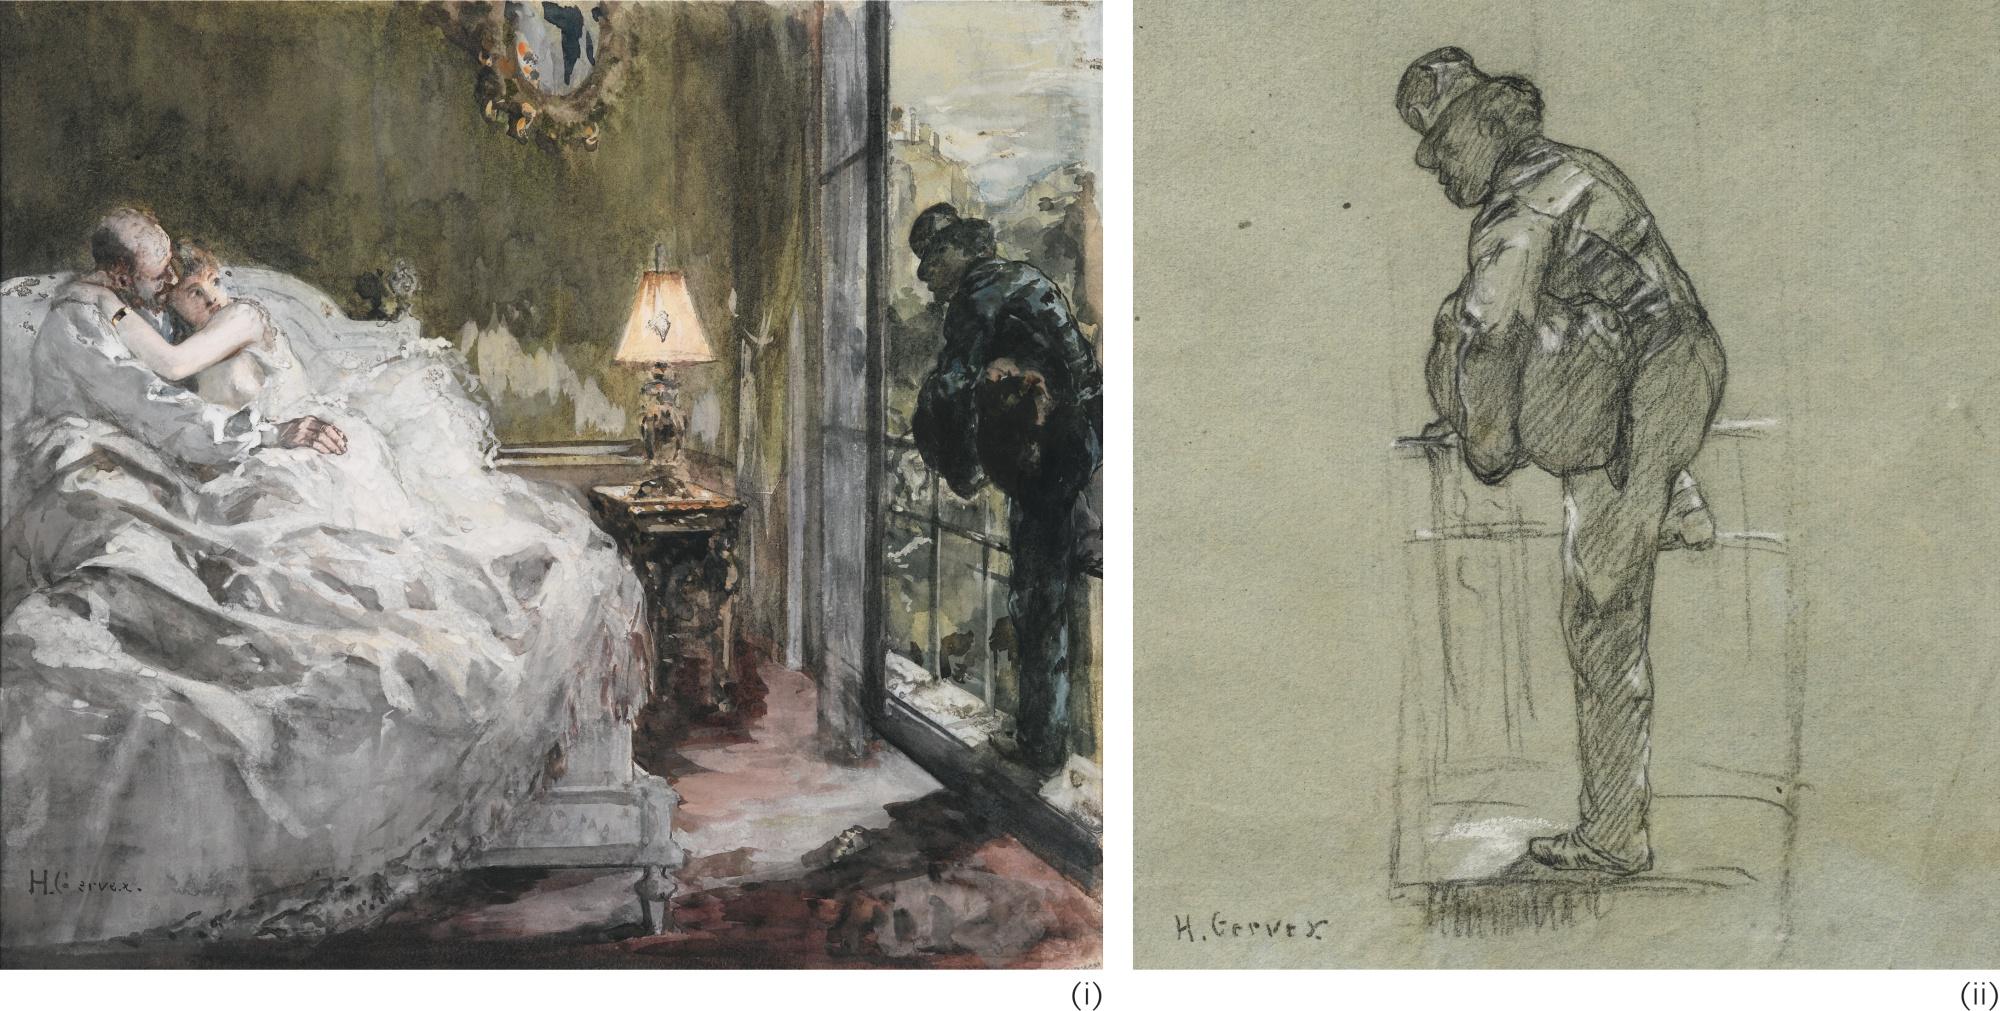 Henri Gervex-(I) The Burglar (Ii) Study For The Burglar-